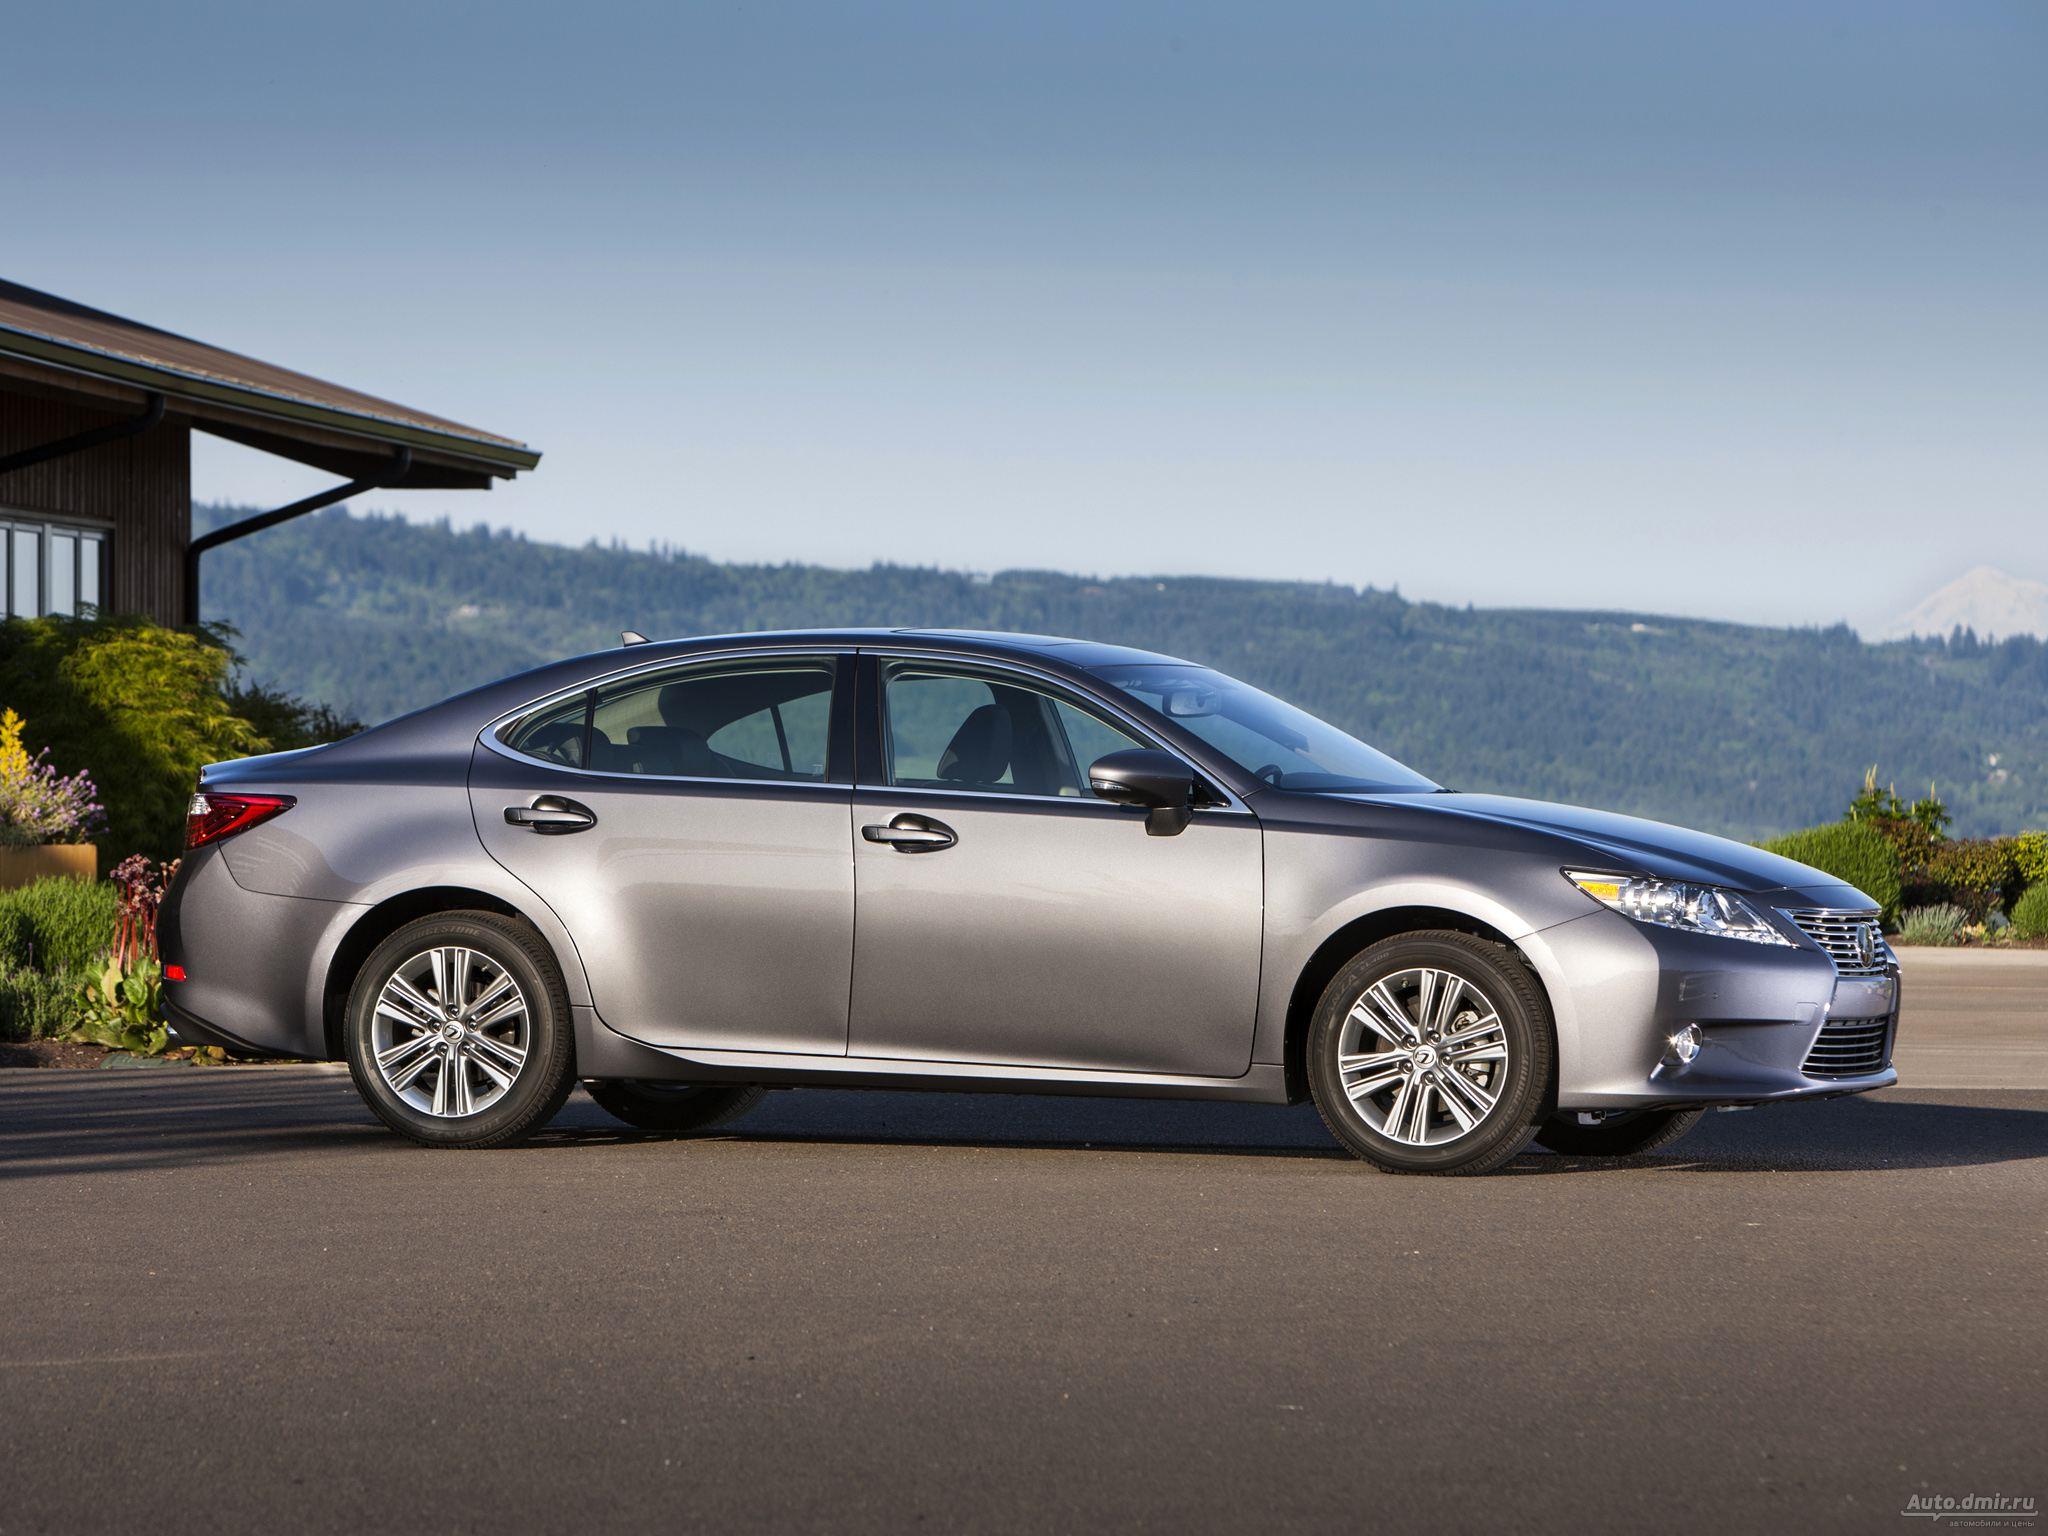 lexus es 300h (161 hp) 🚗 – технические характеристики автомобиля